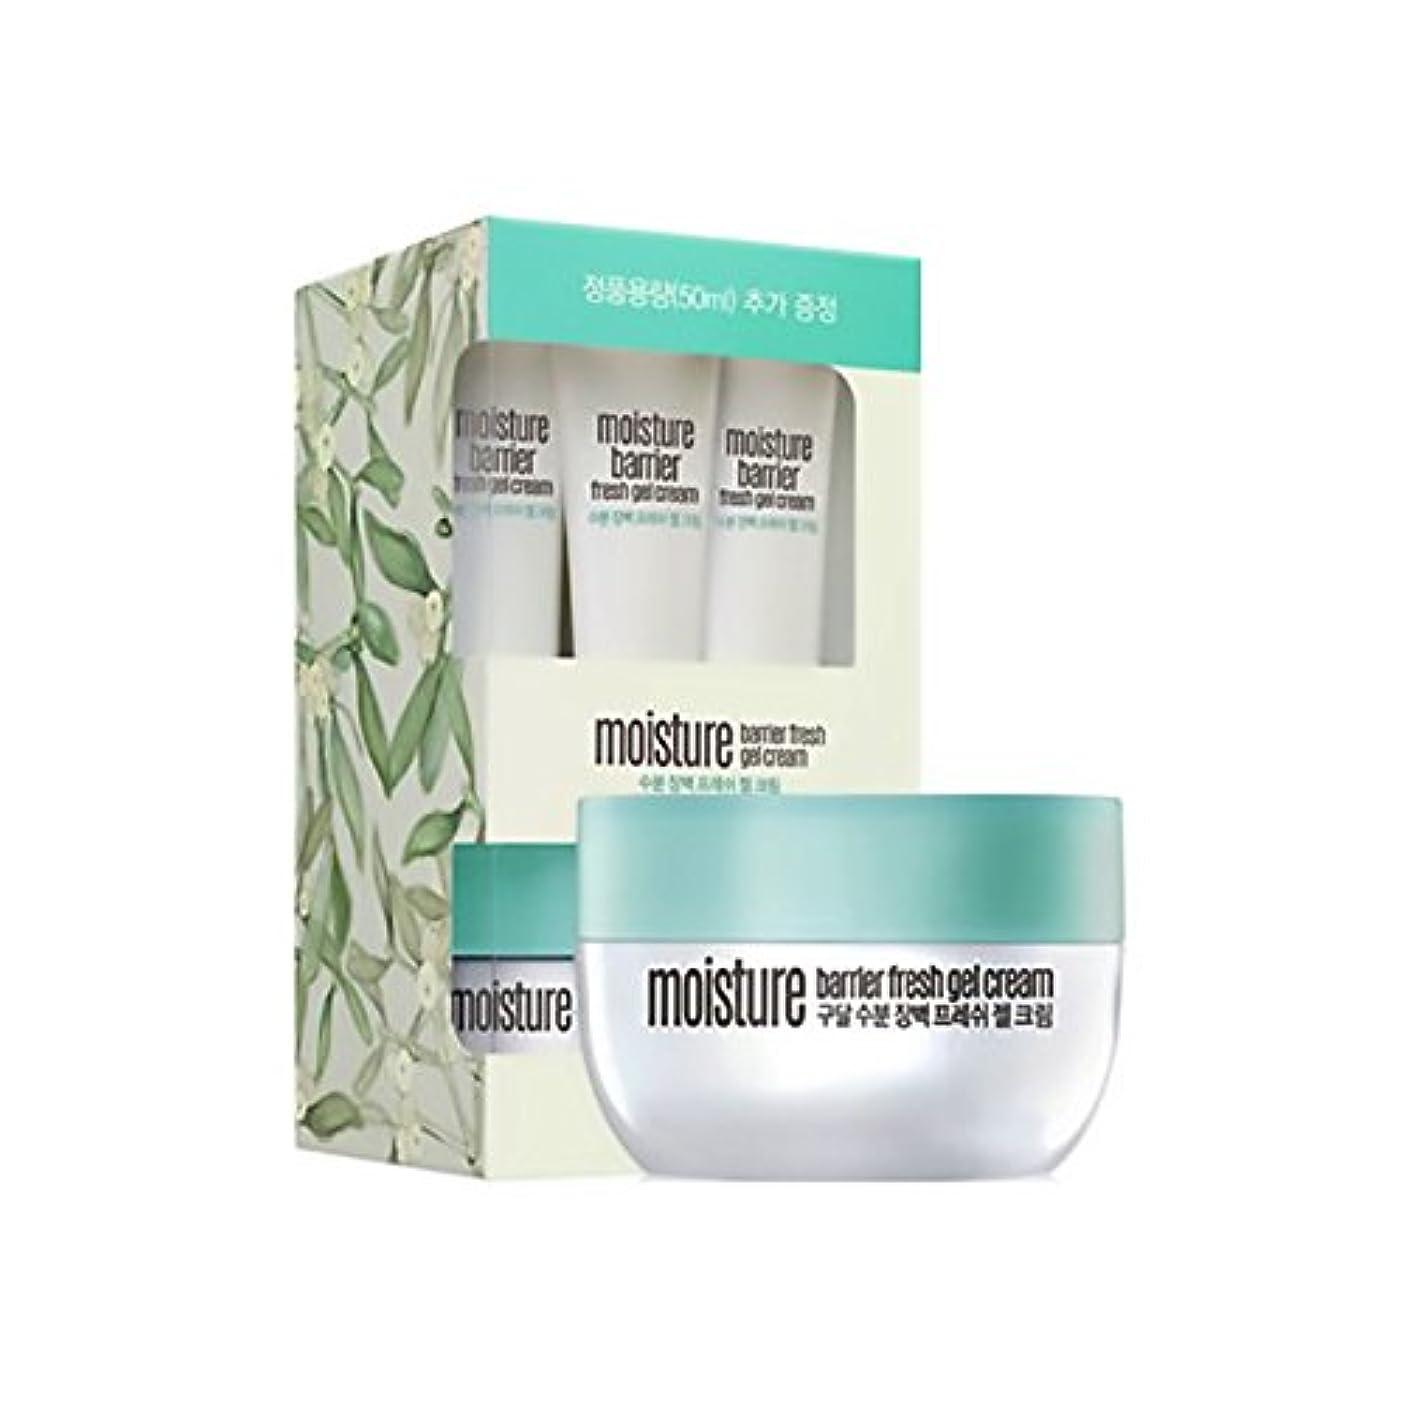 建物ワードローブ雑品goodal moisture barrier fresh gel cream set